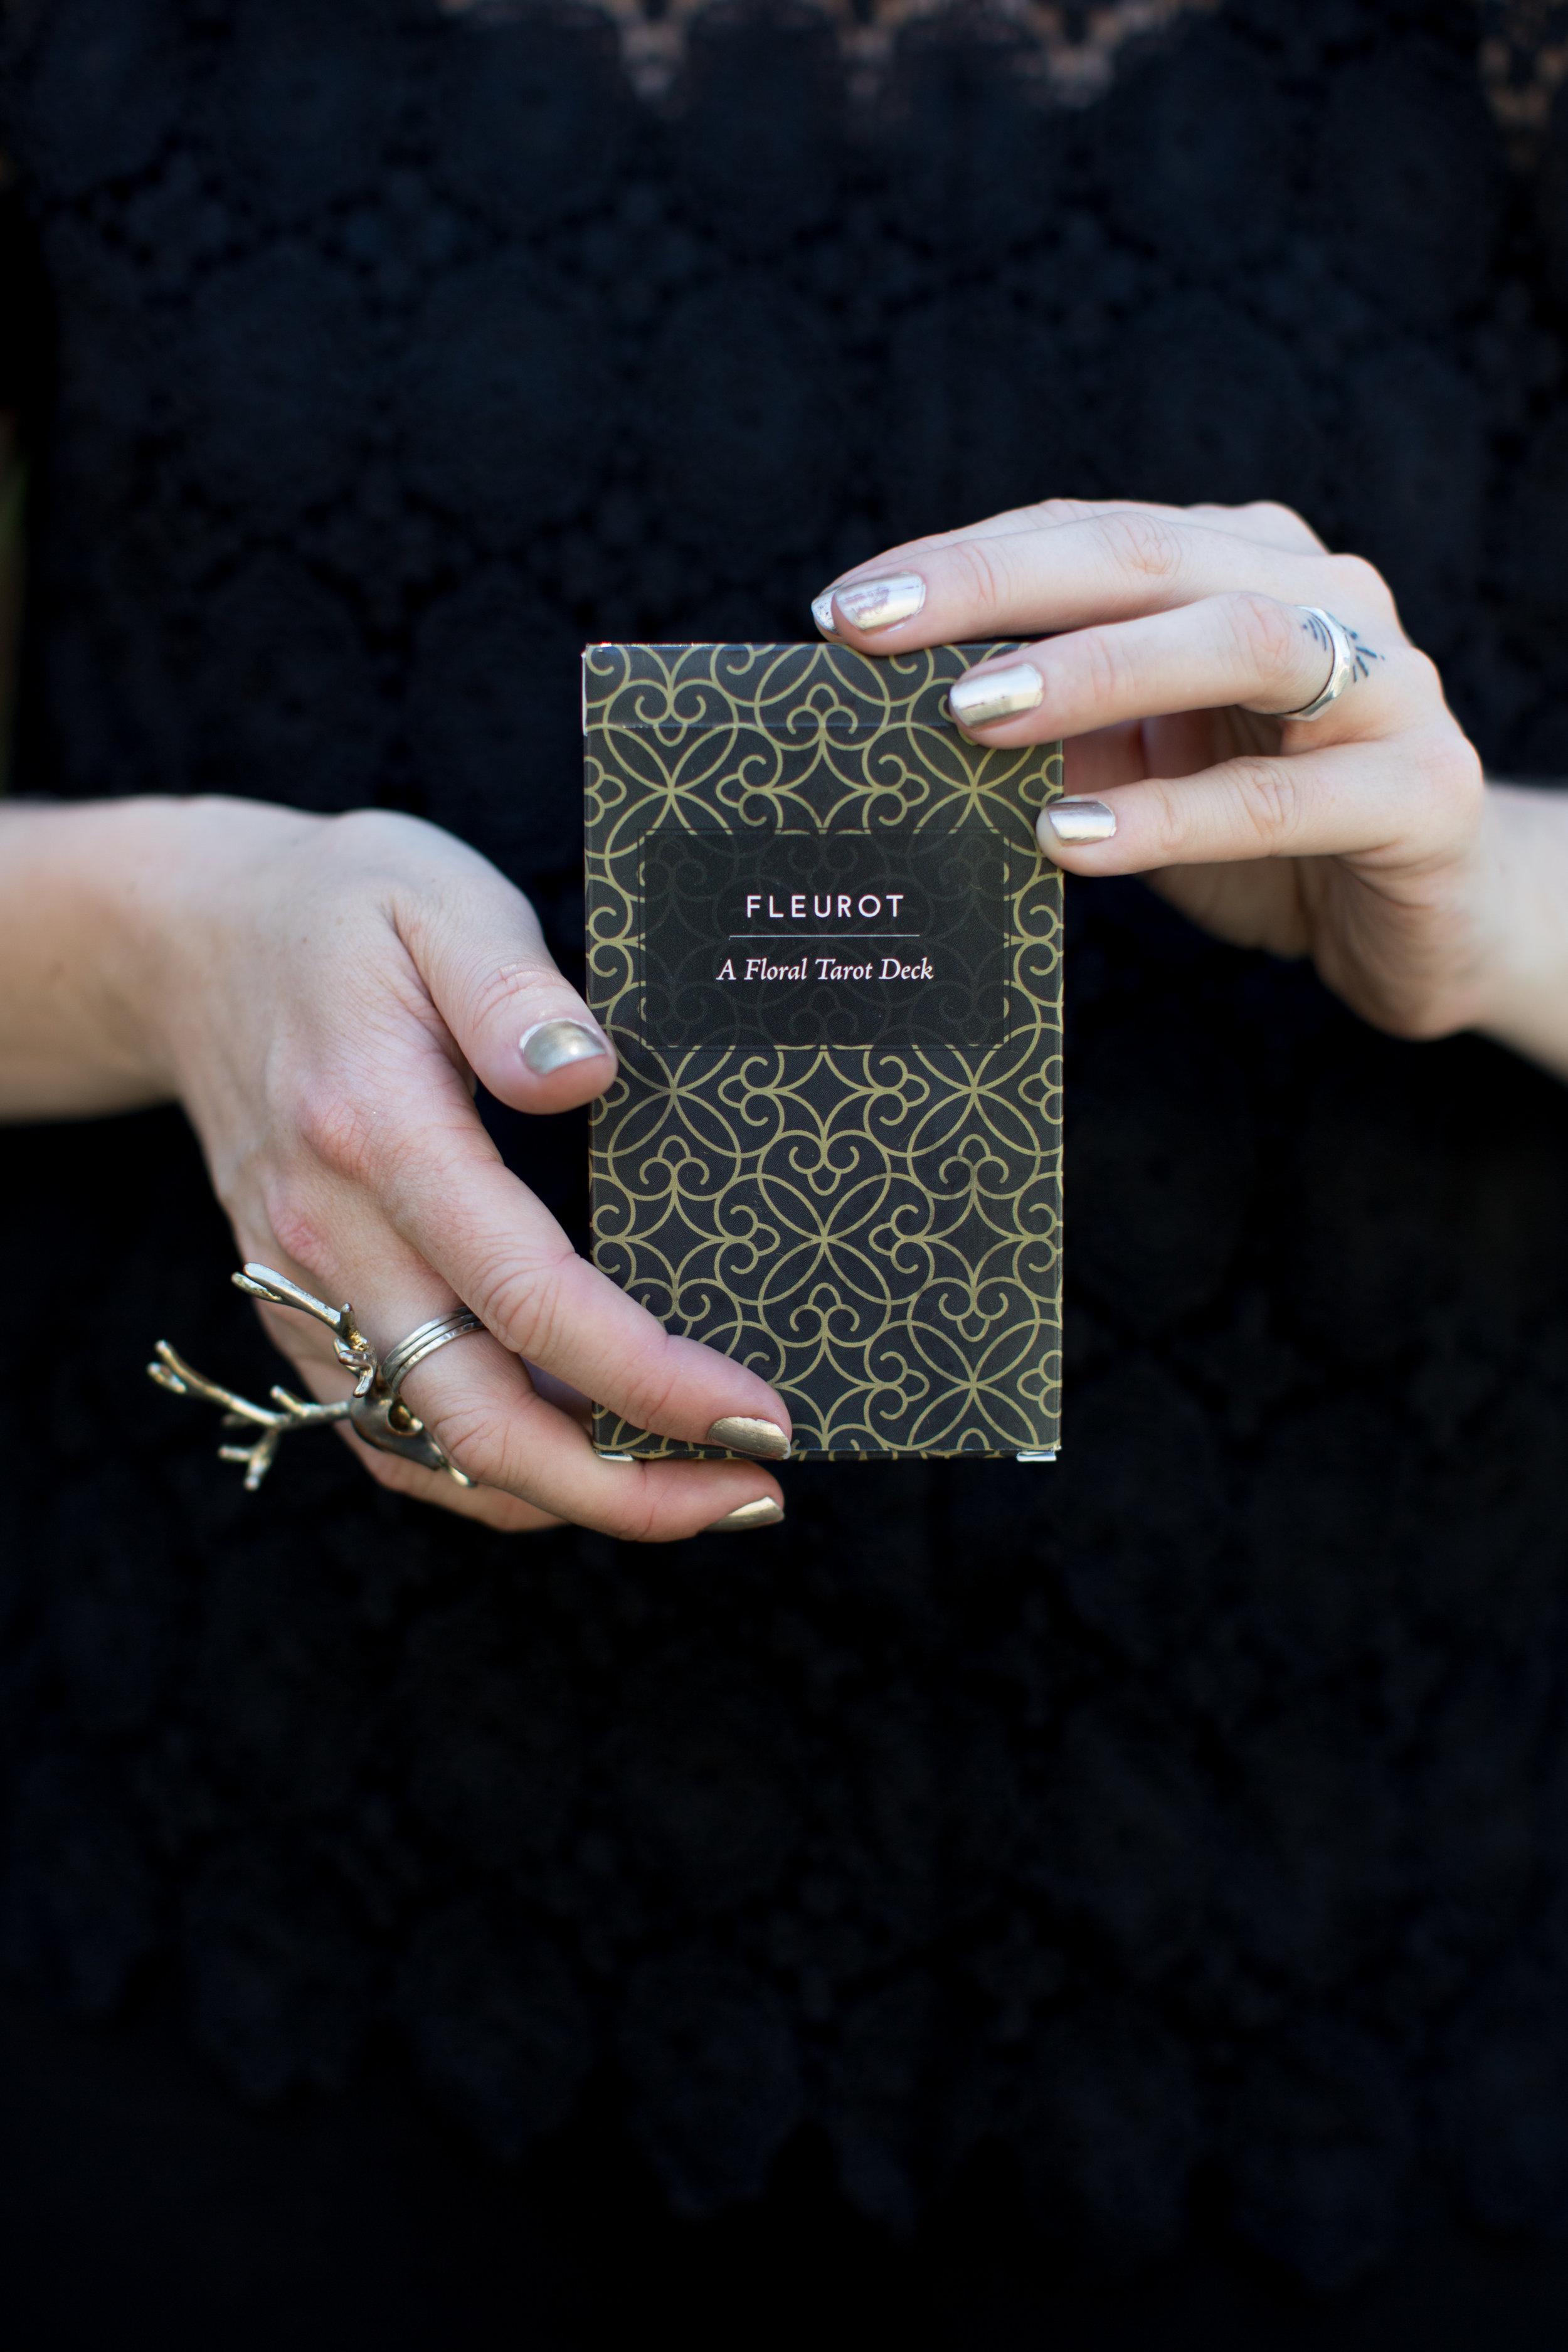 Fleurot_Tarot_LanguageofFlowers_deck_hands.jpg